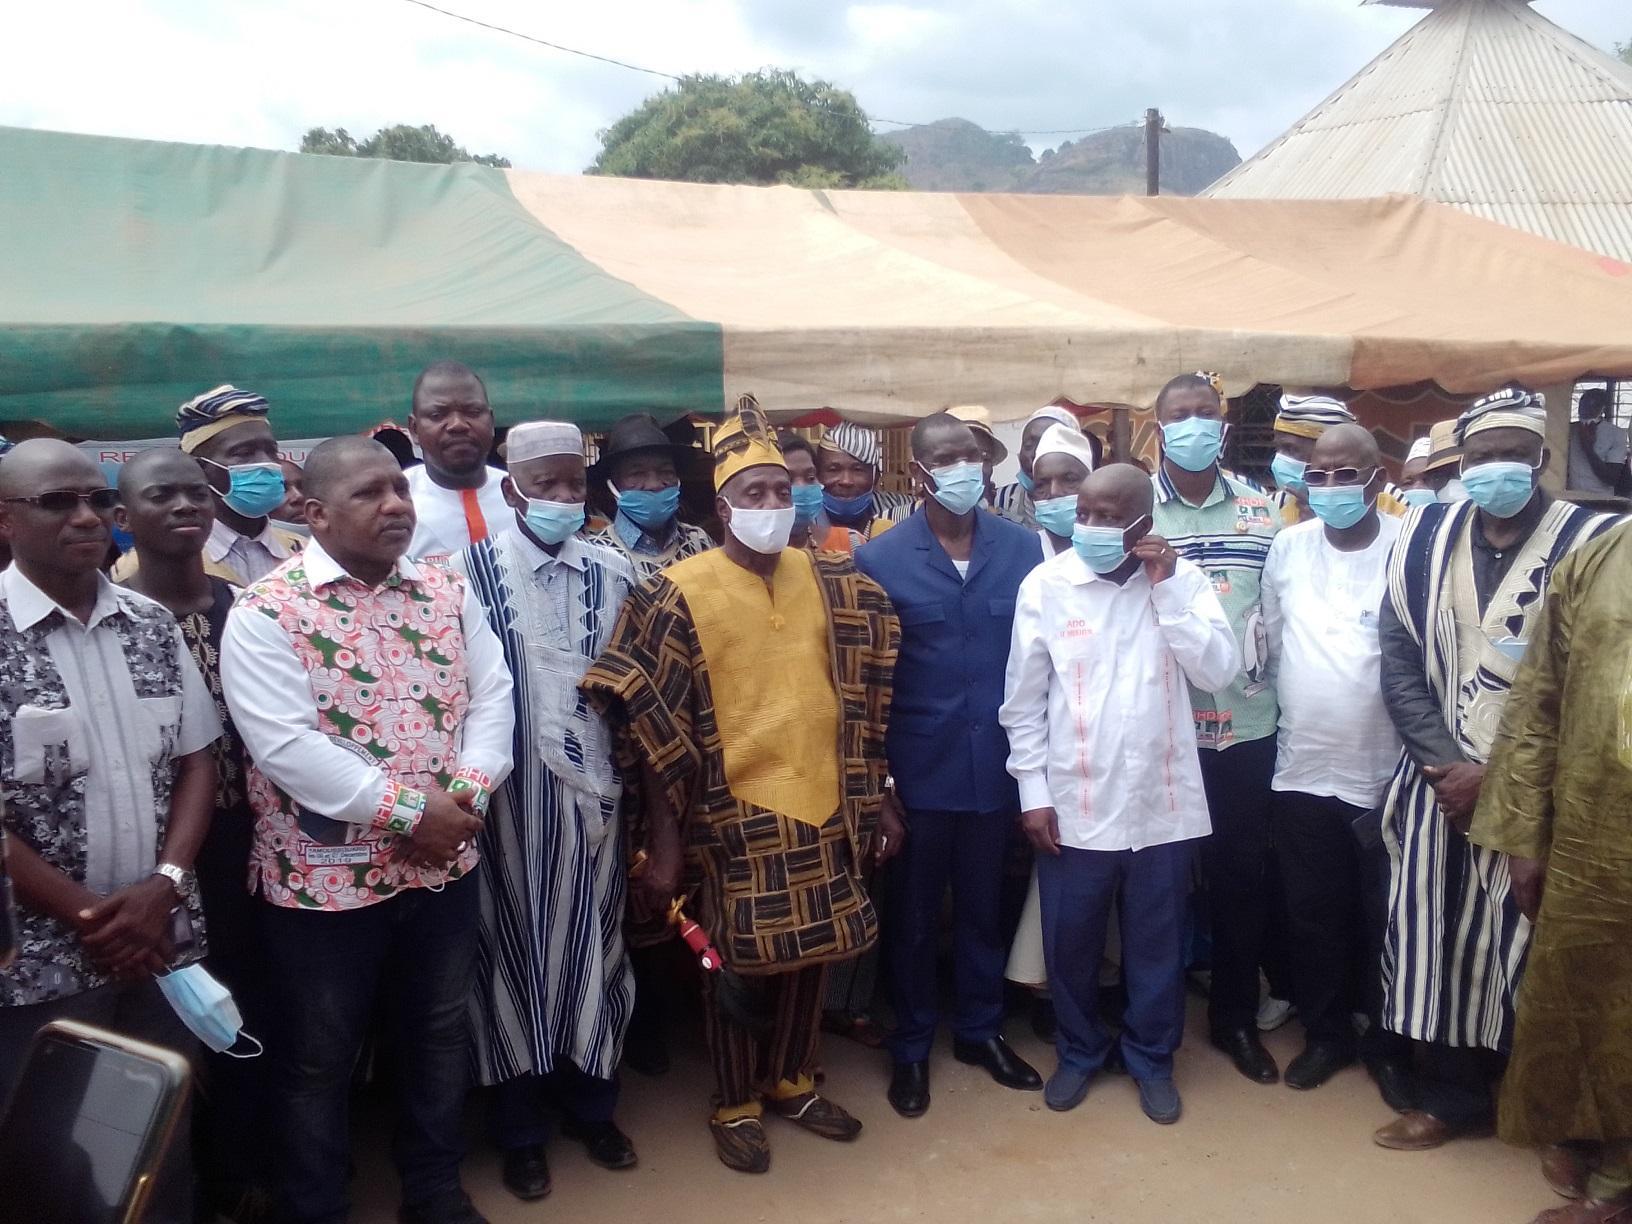 Côte-d'Ivoire: Les 12 candidats Rhdp du Tonkpi reçoivent «la bénédiction des chefs traditionnels»